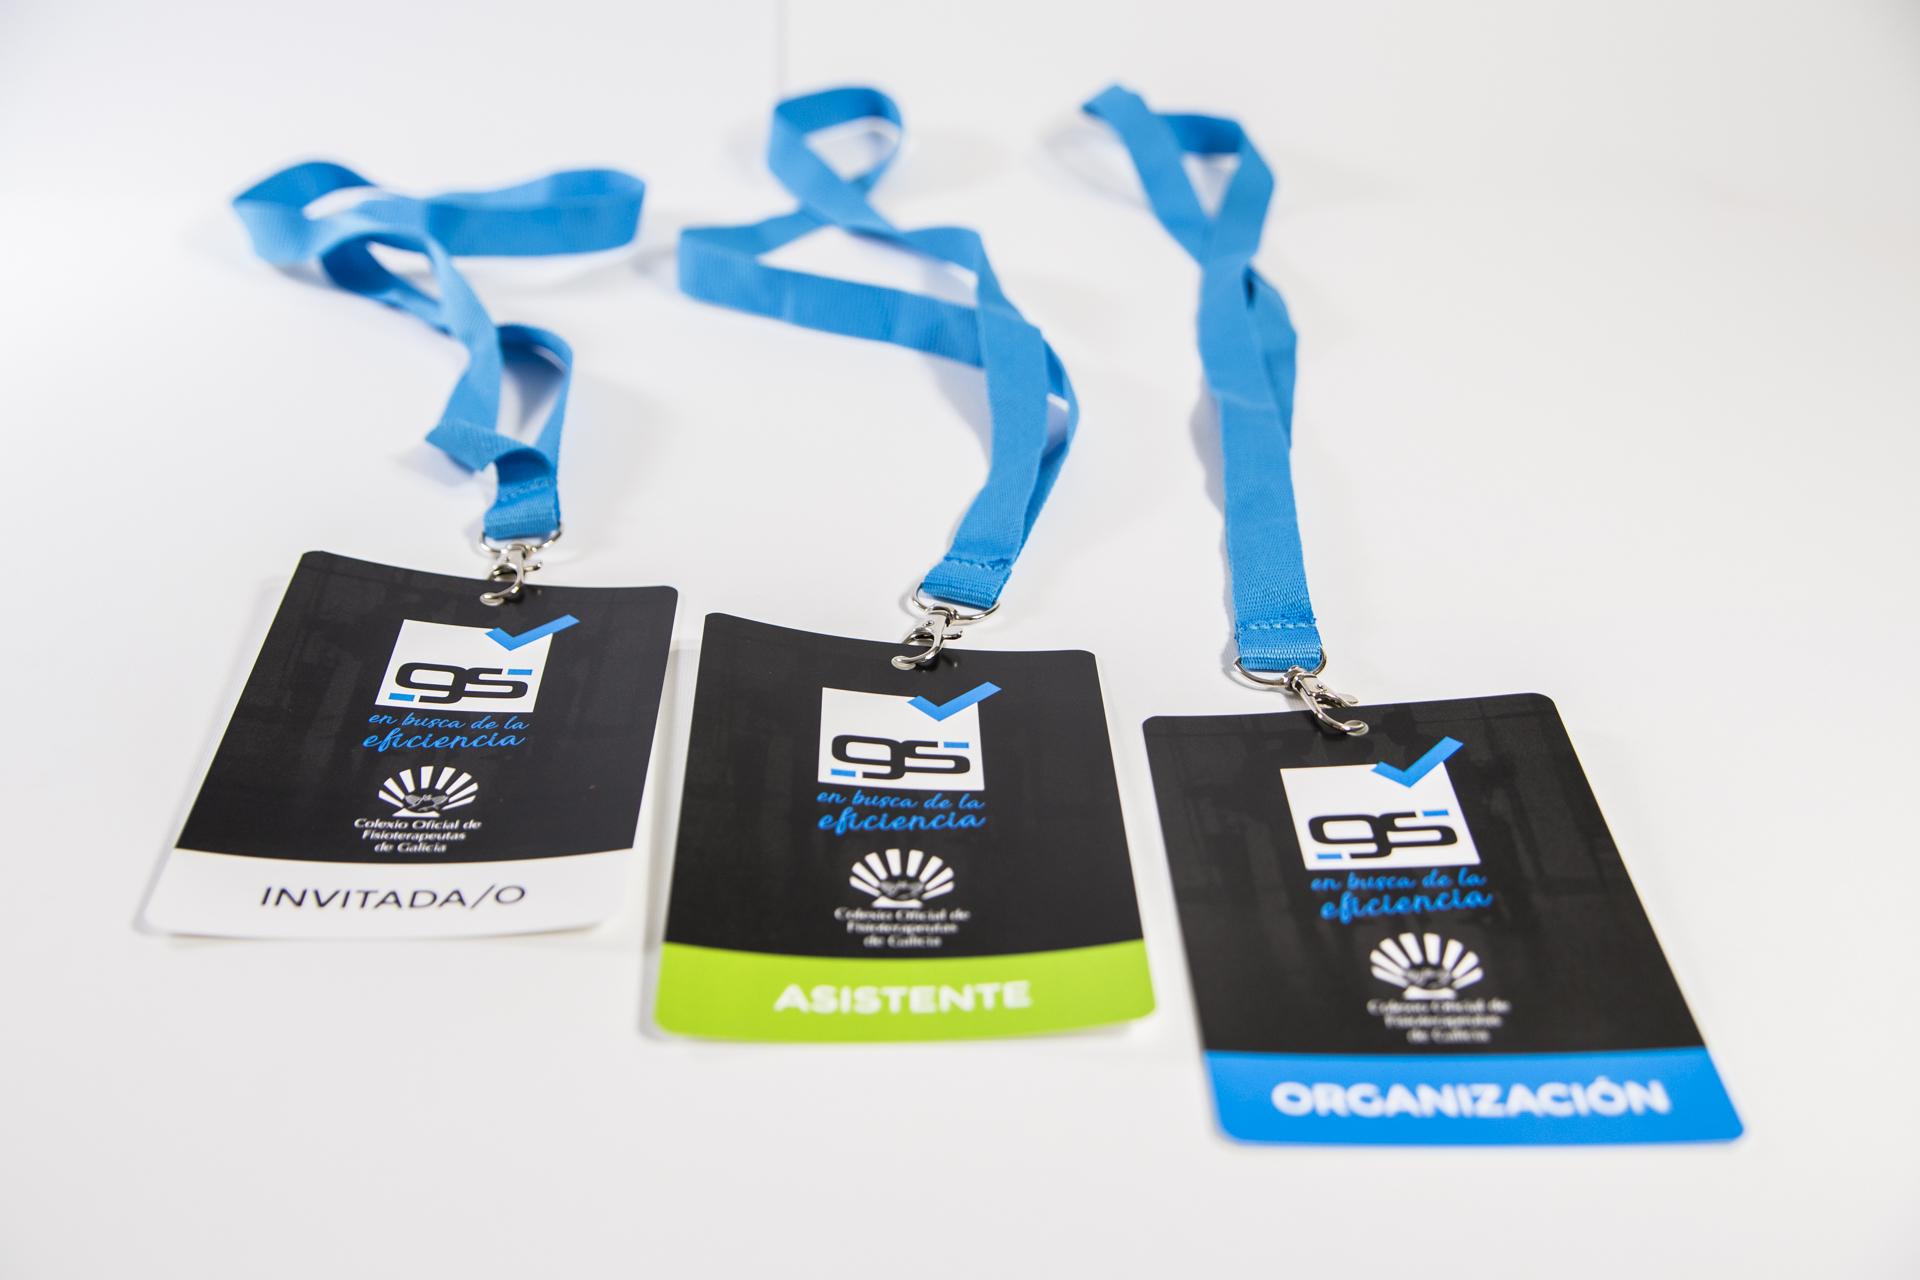 GS-diseño-gráfico-identificador-publicidad-merchandising-ilustración-regalo-corporativo-impresión-coruña-xaniño